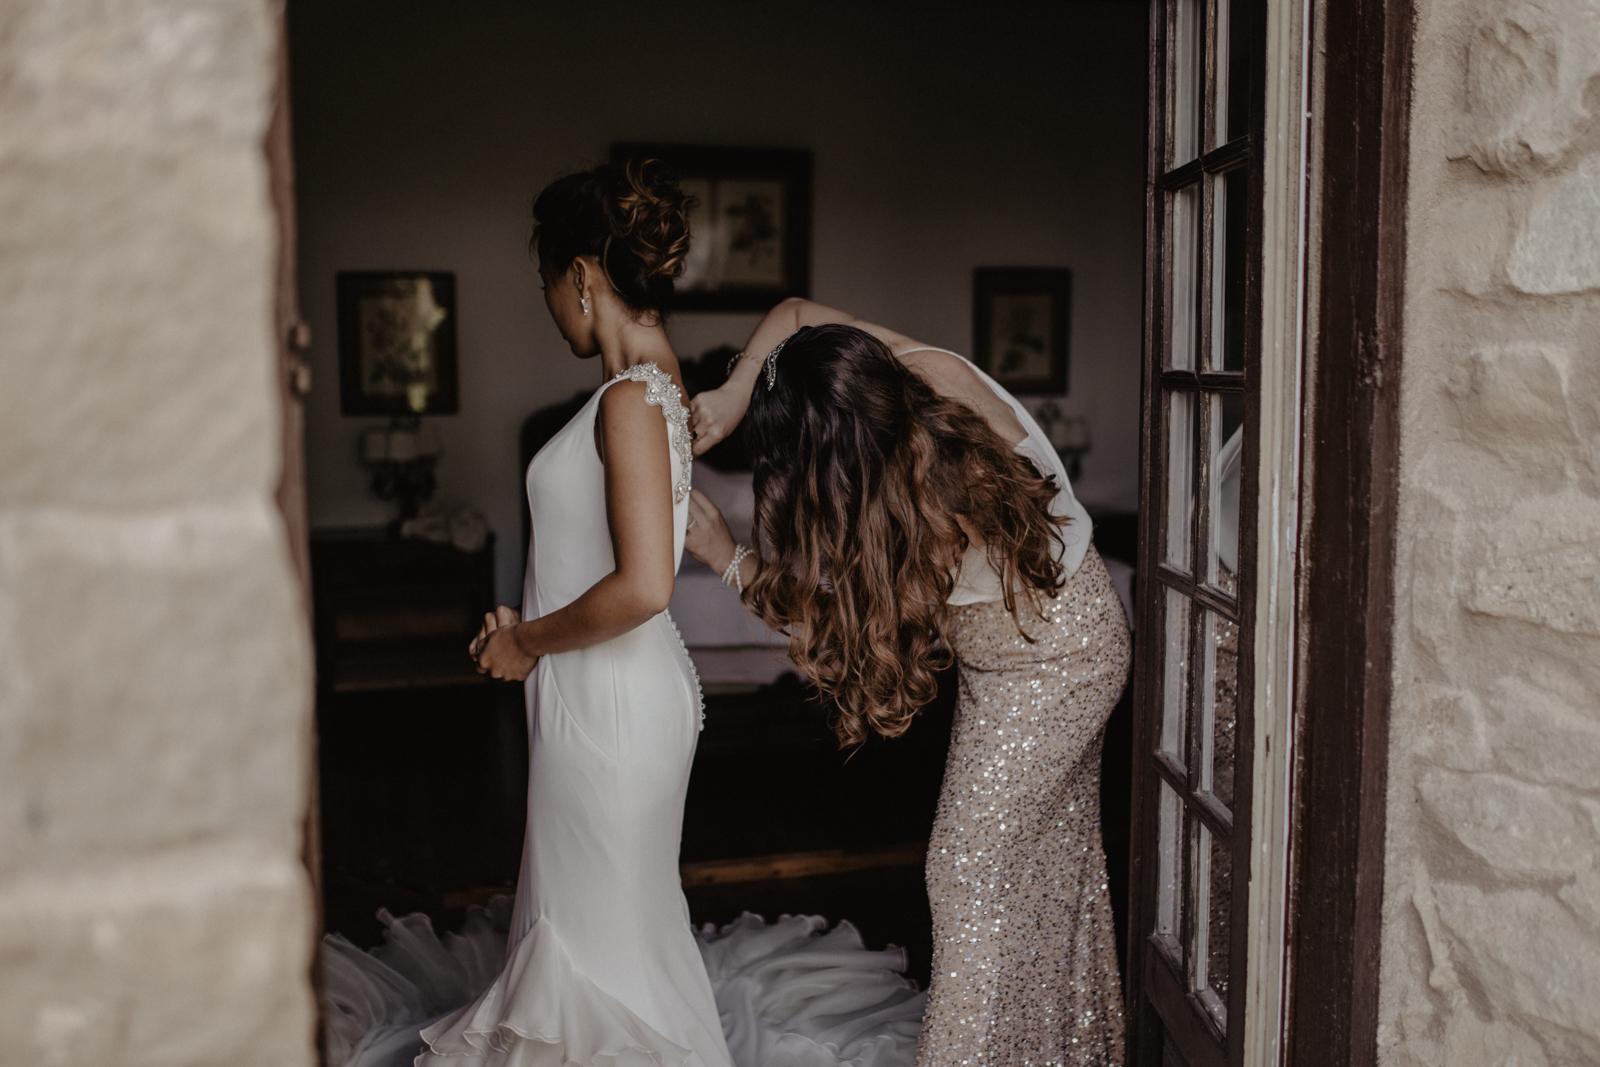 thenortherngirlphotography_photography_thenortherngirl_rebeccascabros_wedding_weddingphotography_weddingphotographer_barcelona_bodaenlabaronia_labaronia_japanesewedding_destinationwedding_shokoalbert-293.jpg